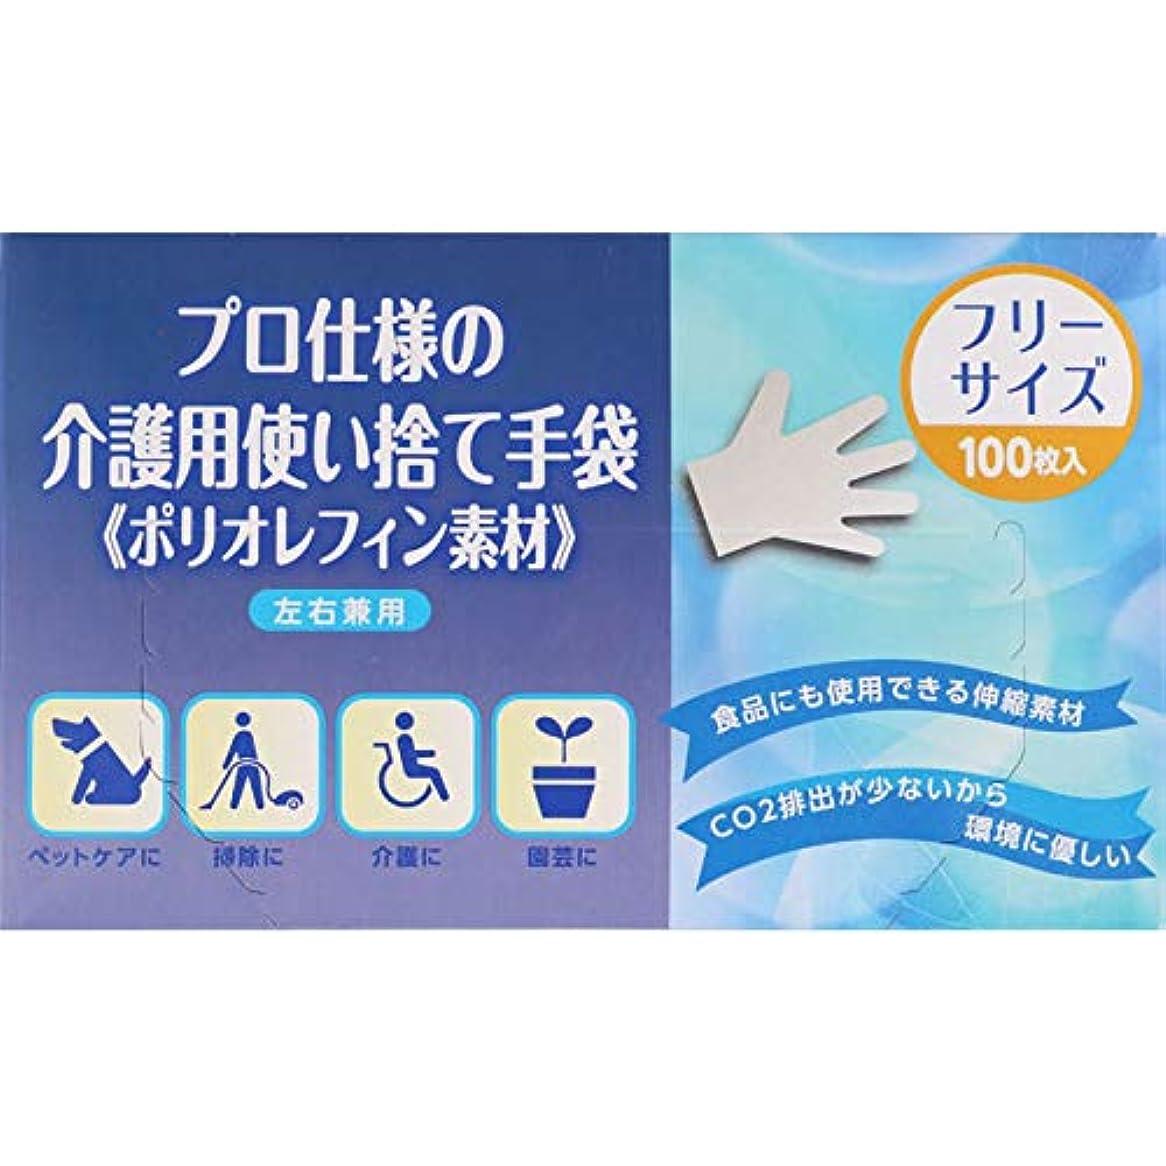 エッセイピジン親密な【10個セット】プロ仕様の介護用使い捨て手袋《ポリオレフィン素材》 100枚